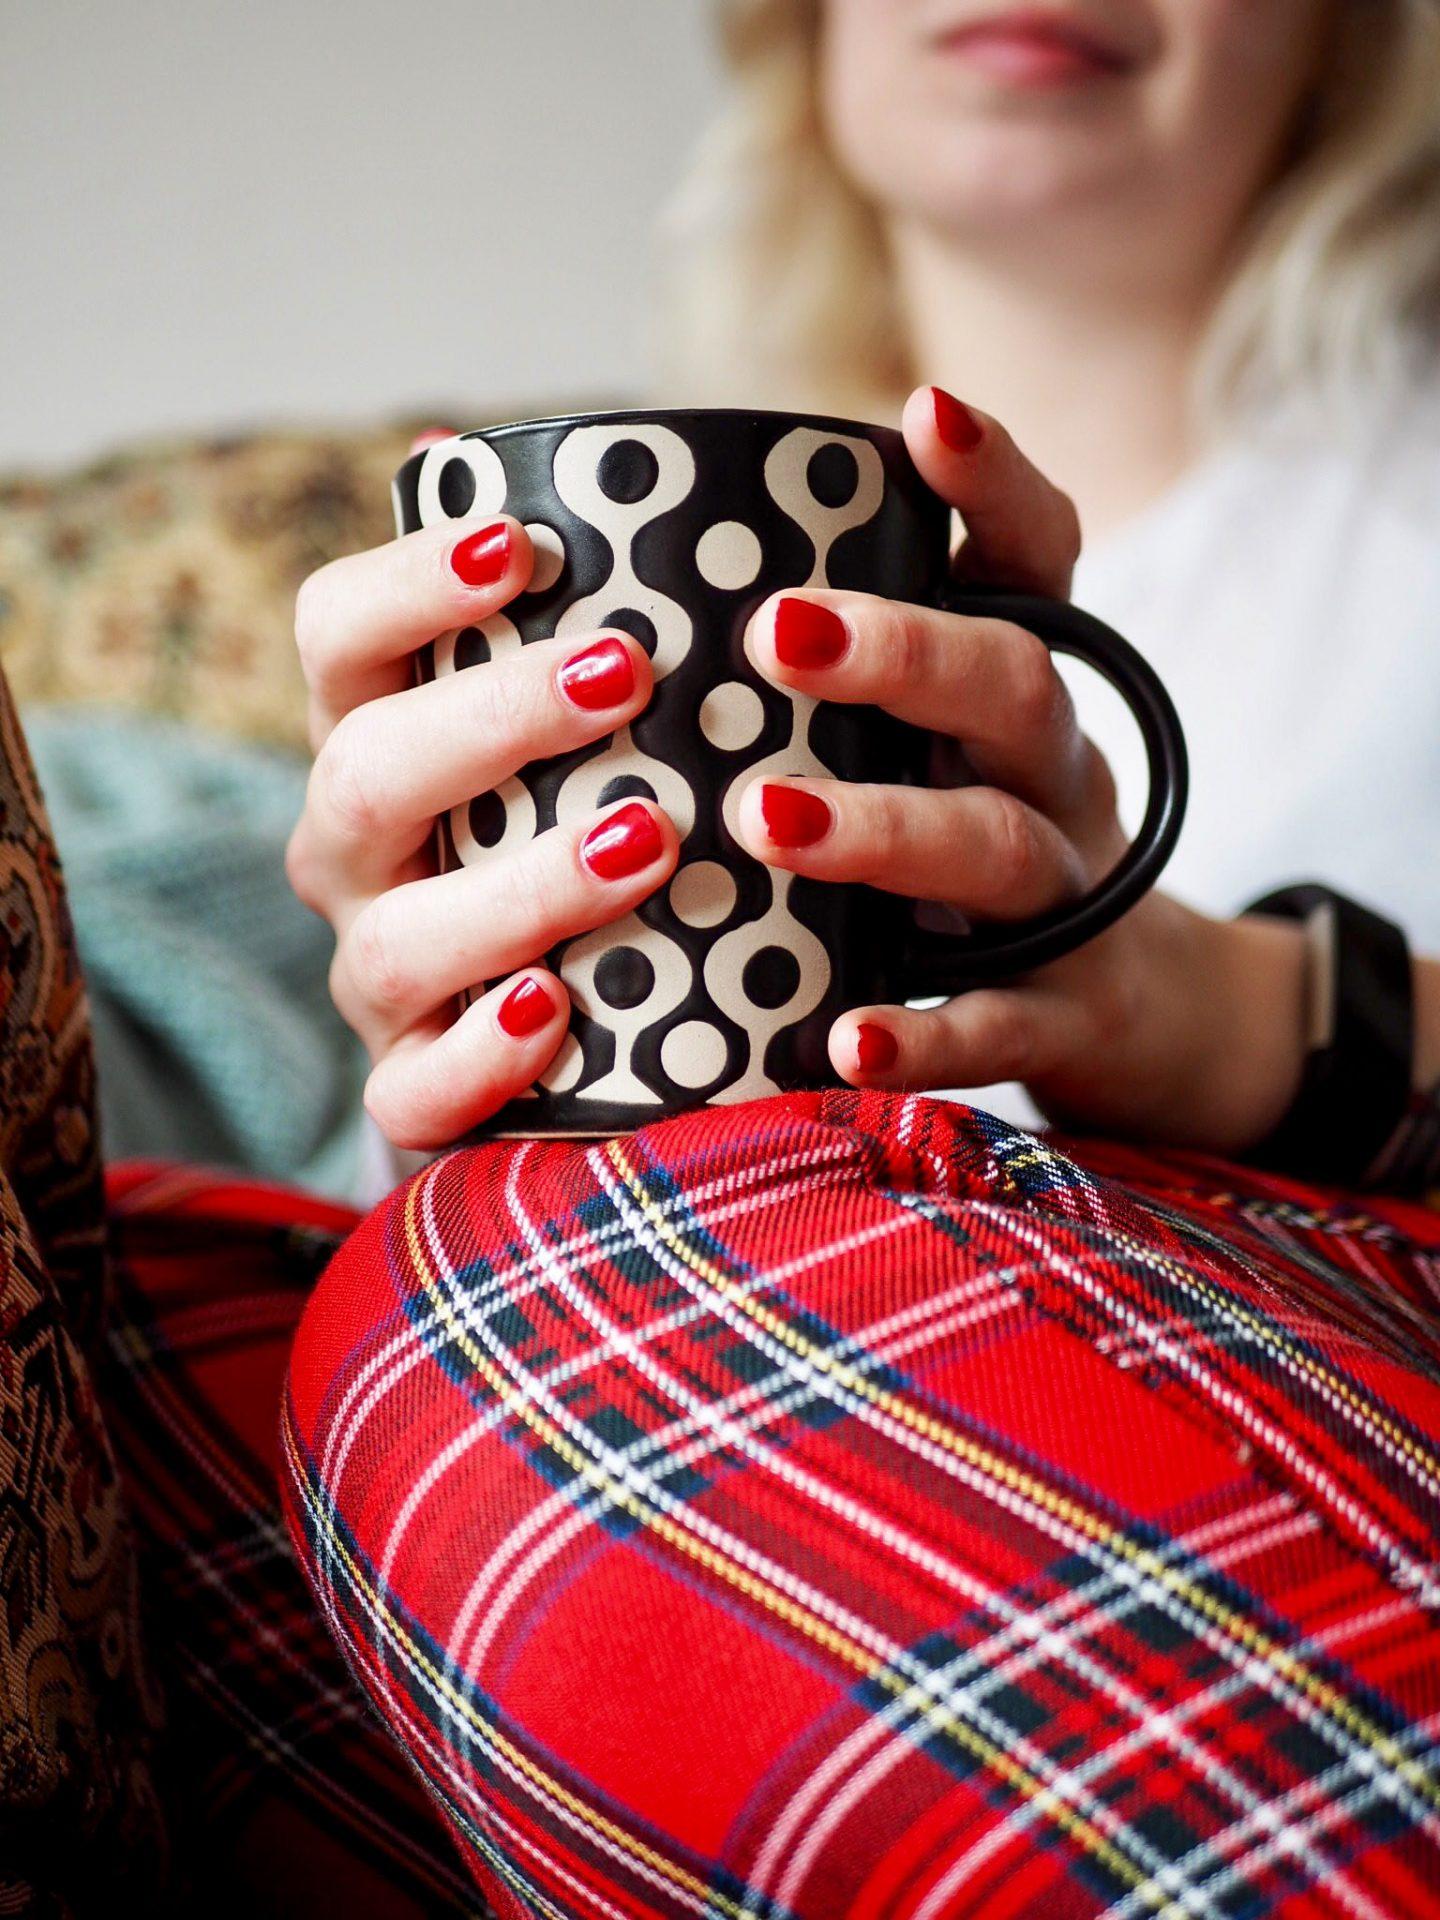 mug positive things image